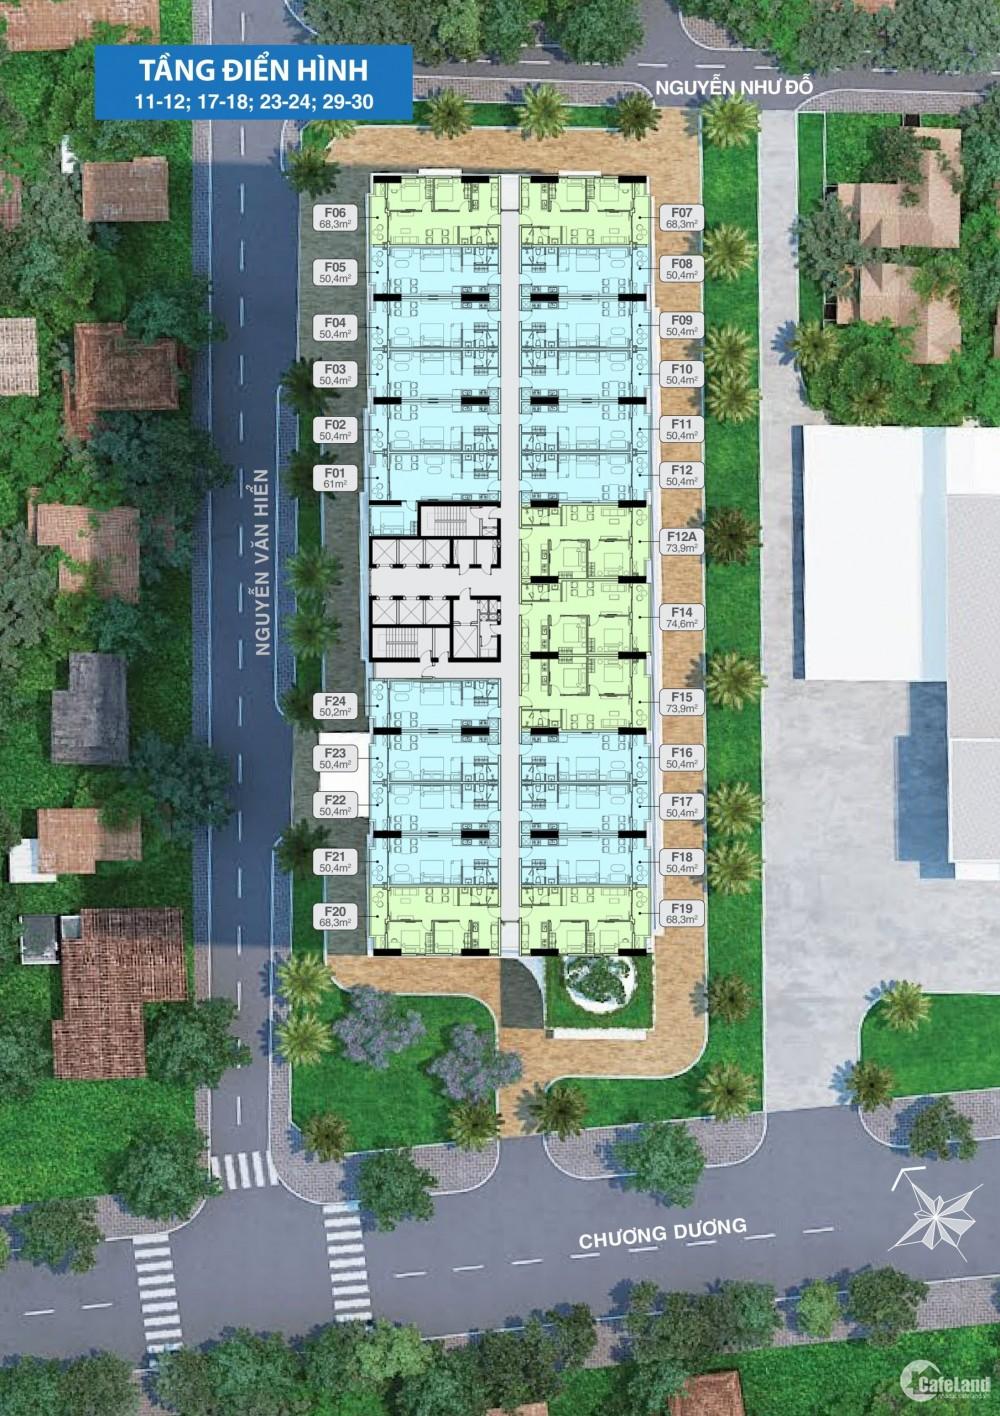 Sở hữu căn hộ giữa lòng thành phố biển Quy Nhơn với 300tr, ngân hàng hỗ trợ 70%.